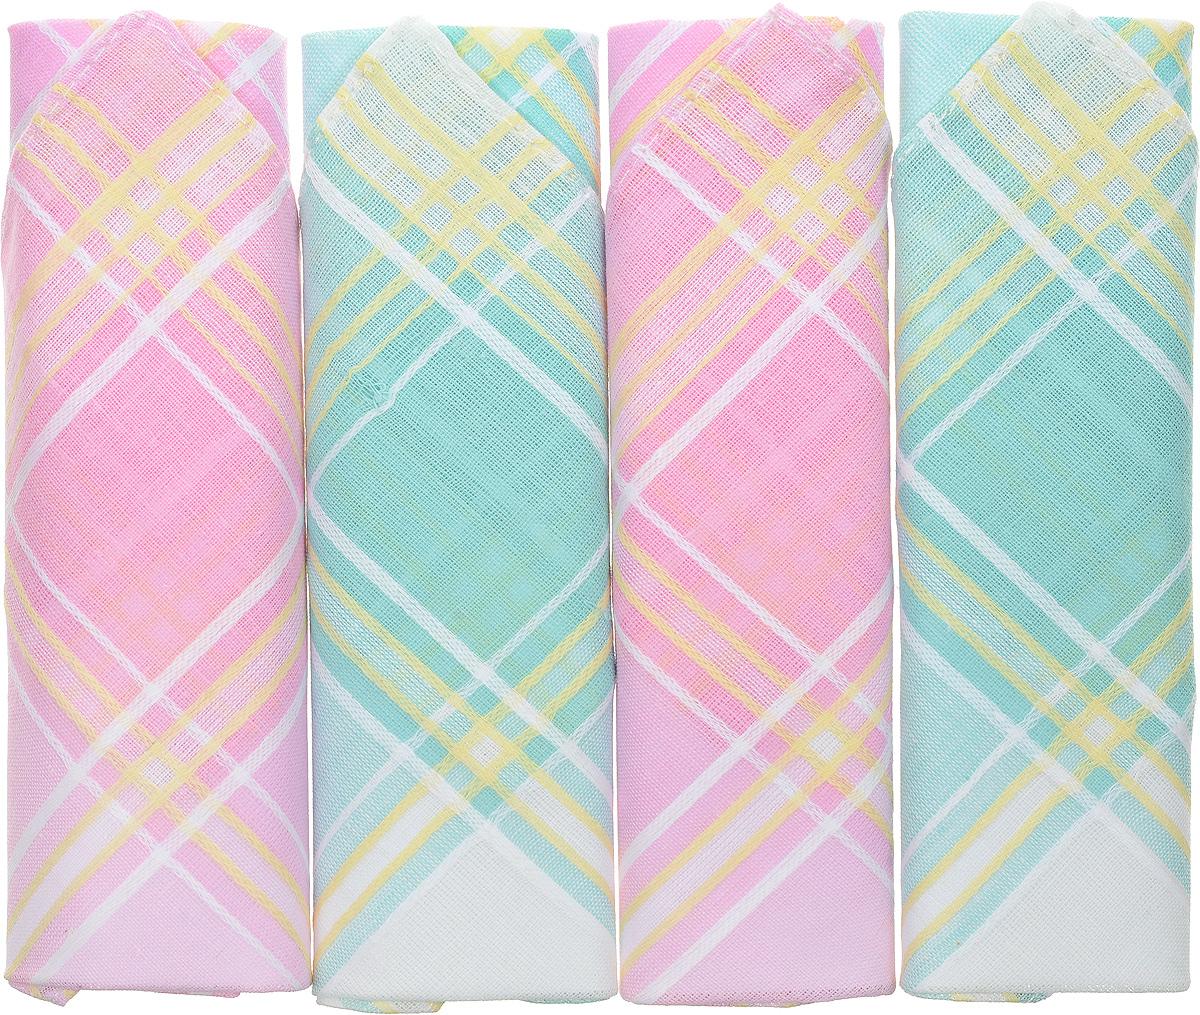 Платок носовой женский Zlata Korunka, цвет: розовый, бирюзовый, 4 шт. 71420-22. Размер 28 см х 28 см71420-22Оригинальный женский носовой платок Zlata Korunka изготовлен из высококачественного натурального хлопка, благодаря чему приятен в использовании, хорошо стирается, не садится и отлично впитывает влагу. Практичный и изящный носовой платок будет незаменим в повседневной жизни любого современного человека. Такой платок послужит стильным аксессуаром и подчеркнет ваше превосходное чувство вкуса.